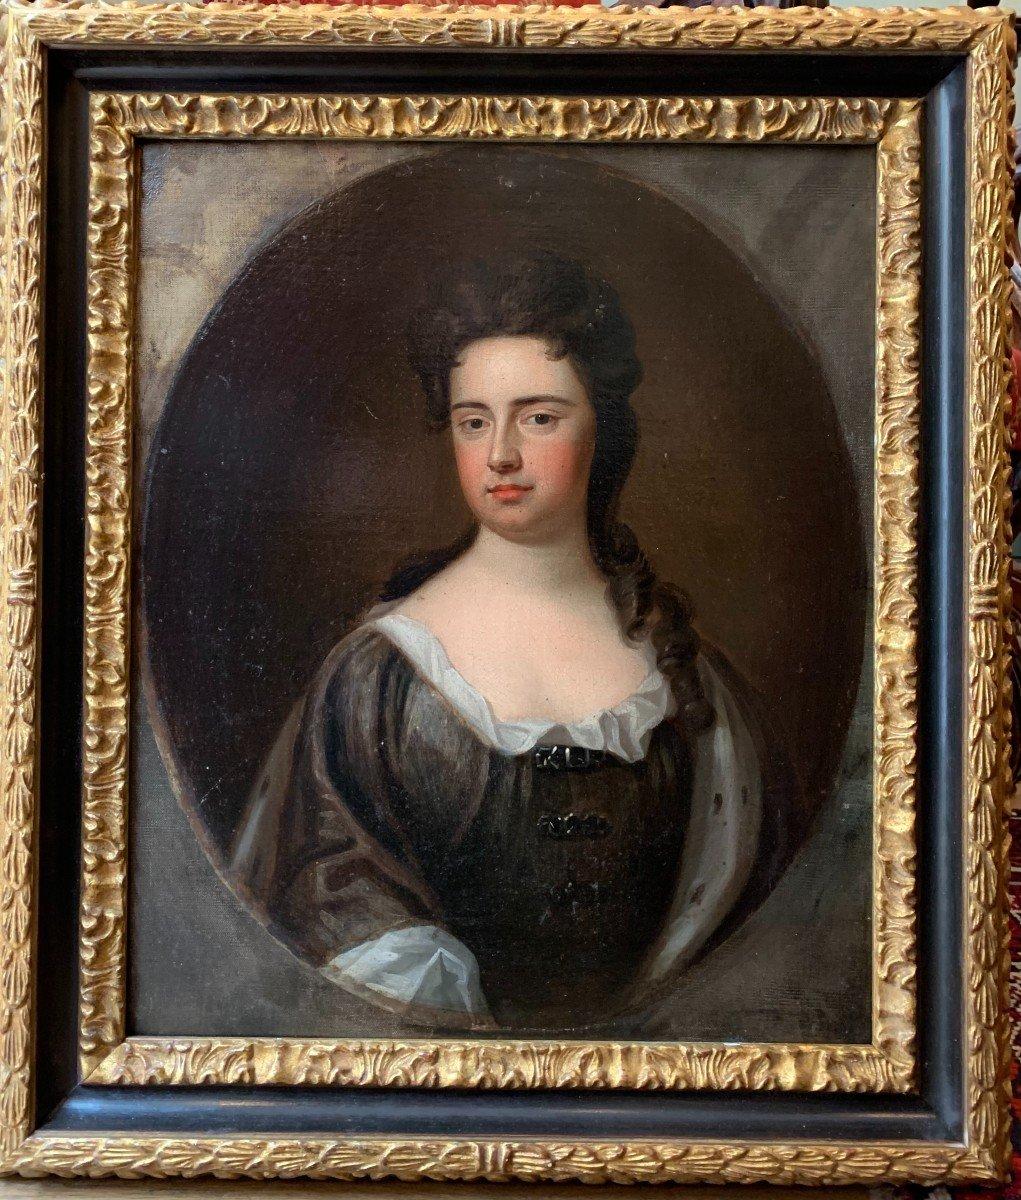 La Reine  de Grande Bretagne Anne Stuart  (1665-1714) Huile sur toile attribuée à G. KNELLER